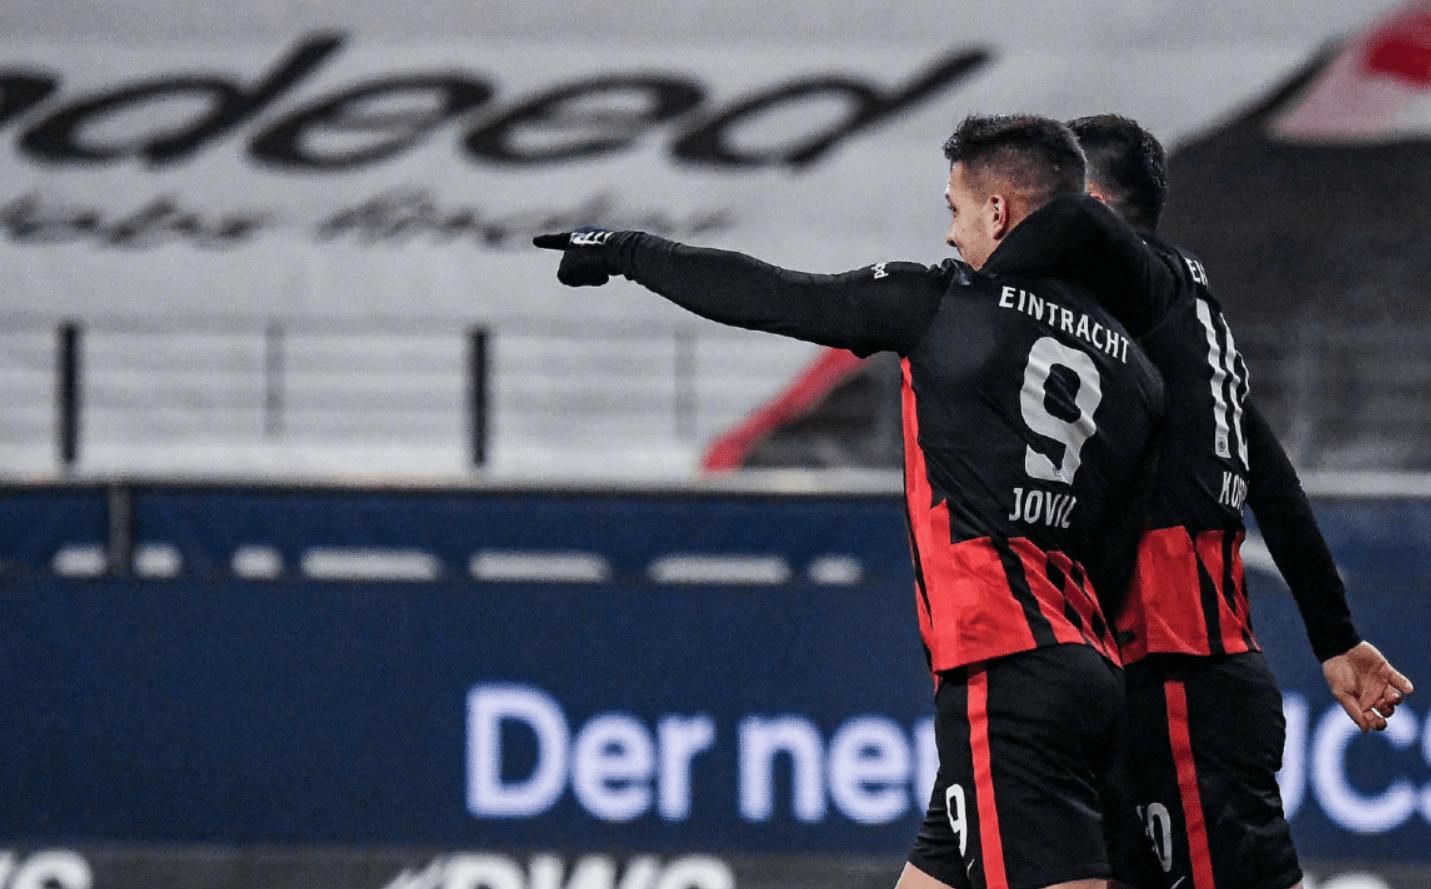 德甲第18轮持续开打,法兰克福客场5-1大胜比勒费尔德